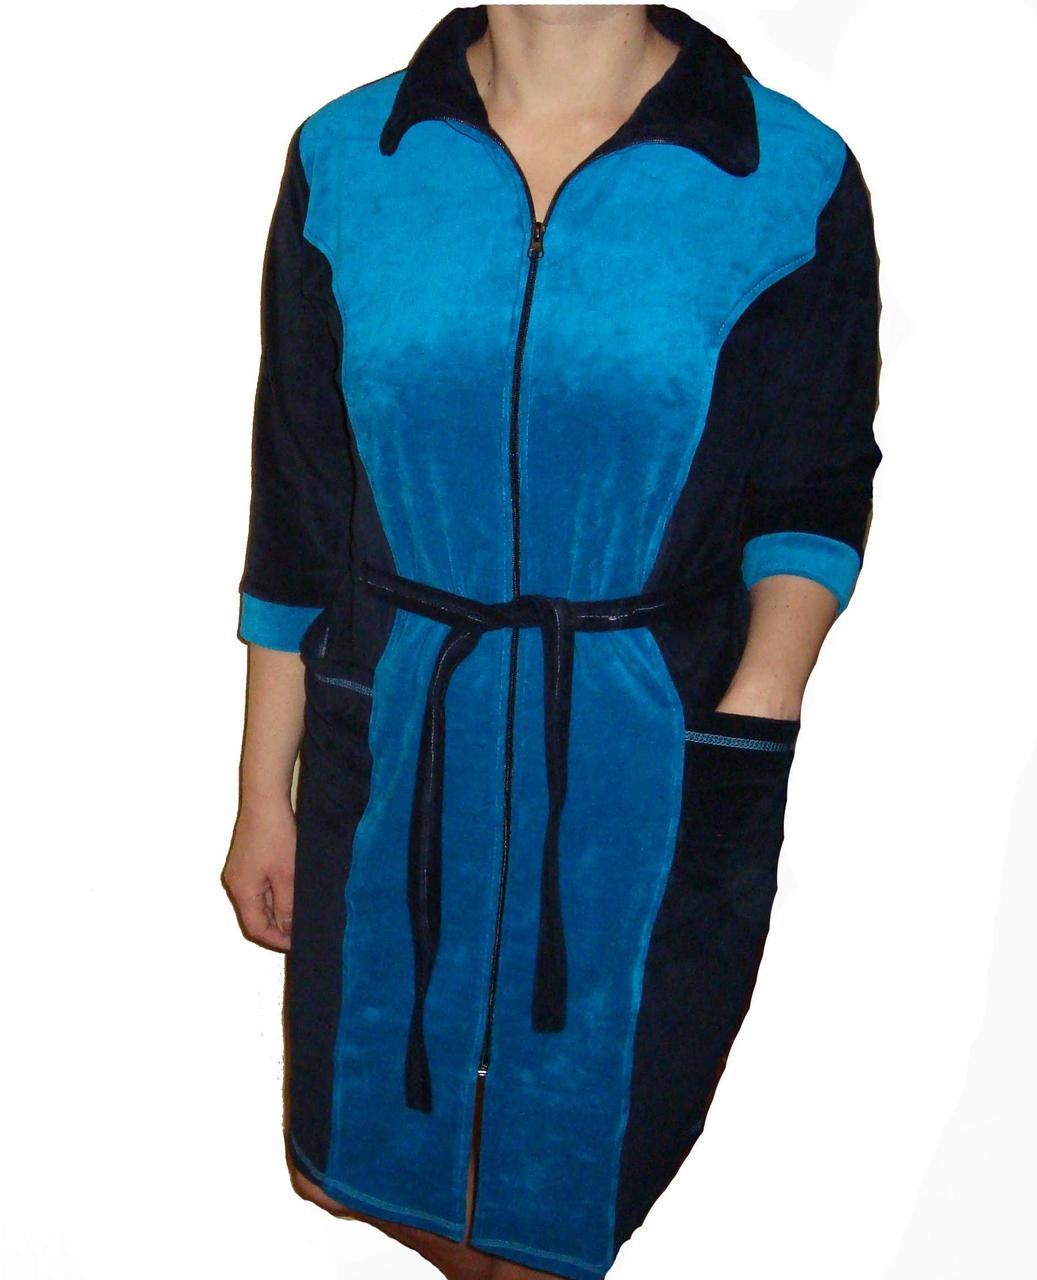 Халат велюровый женский на молнии  голубой